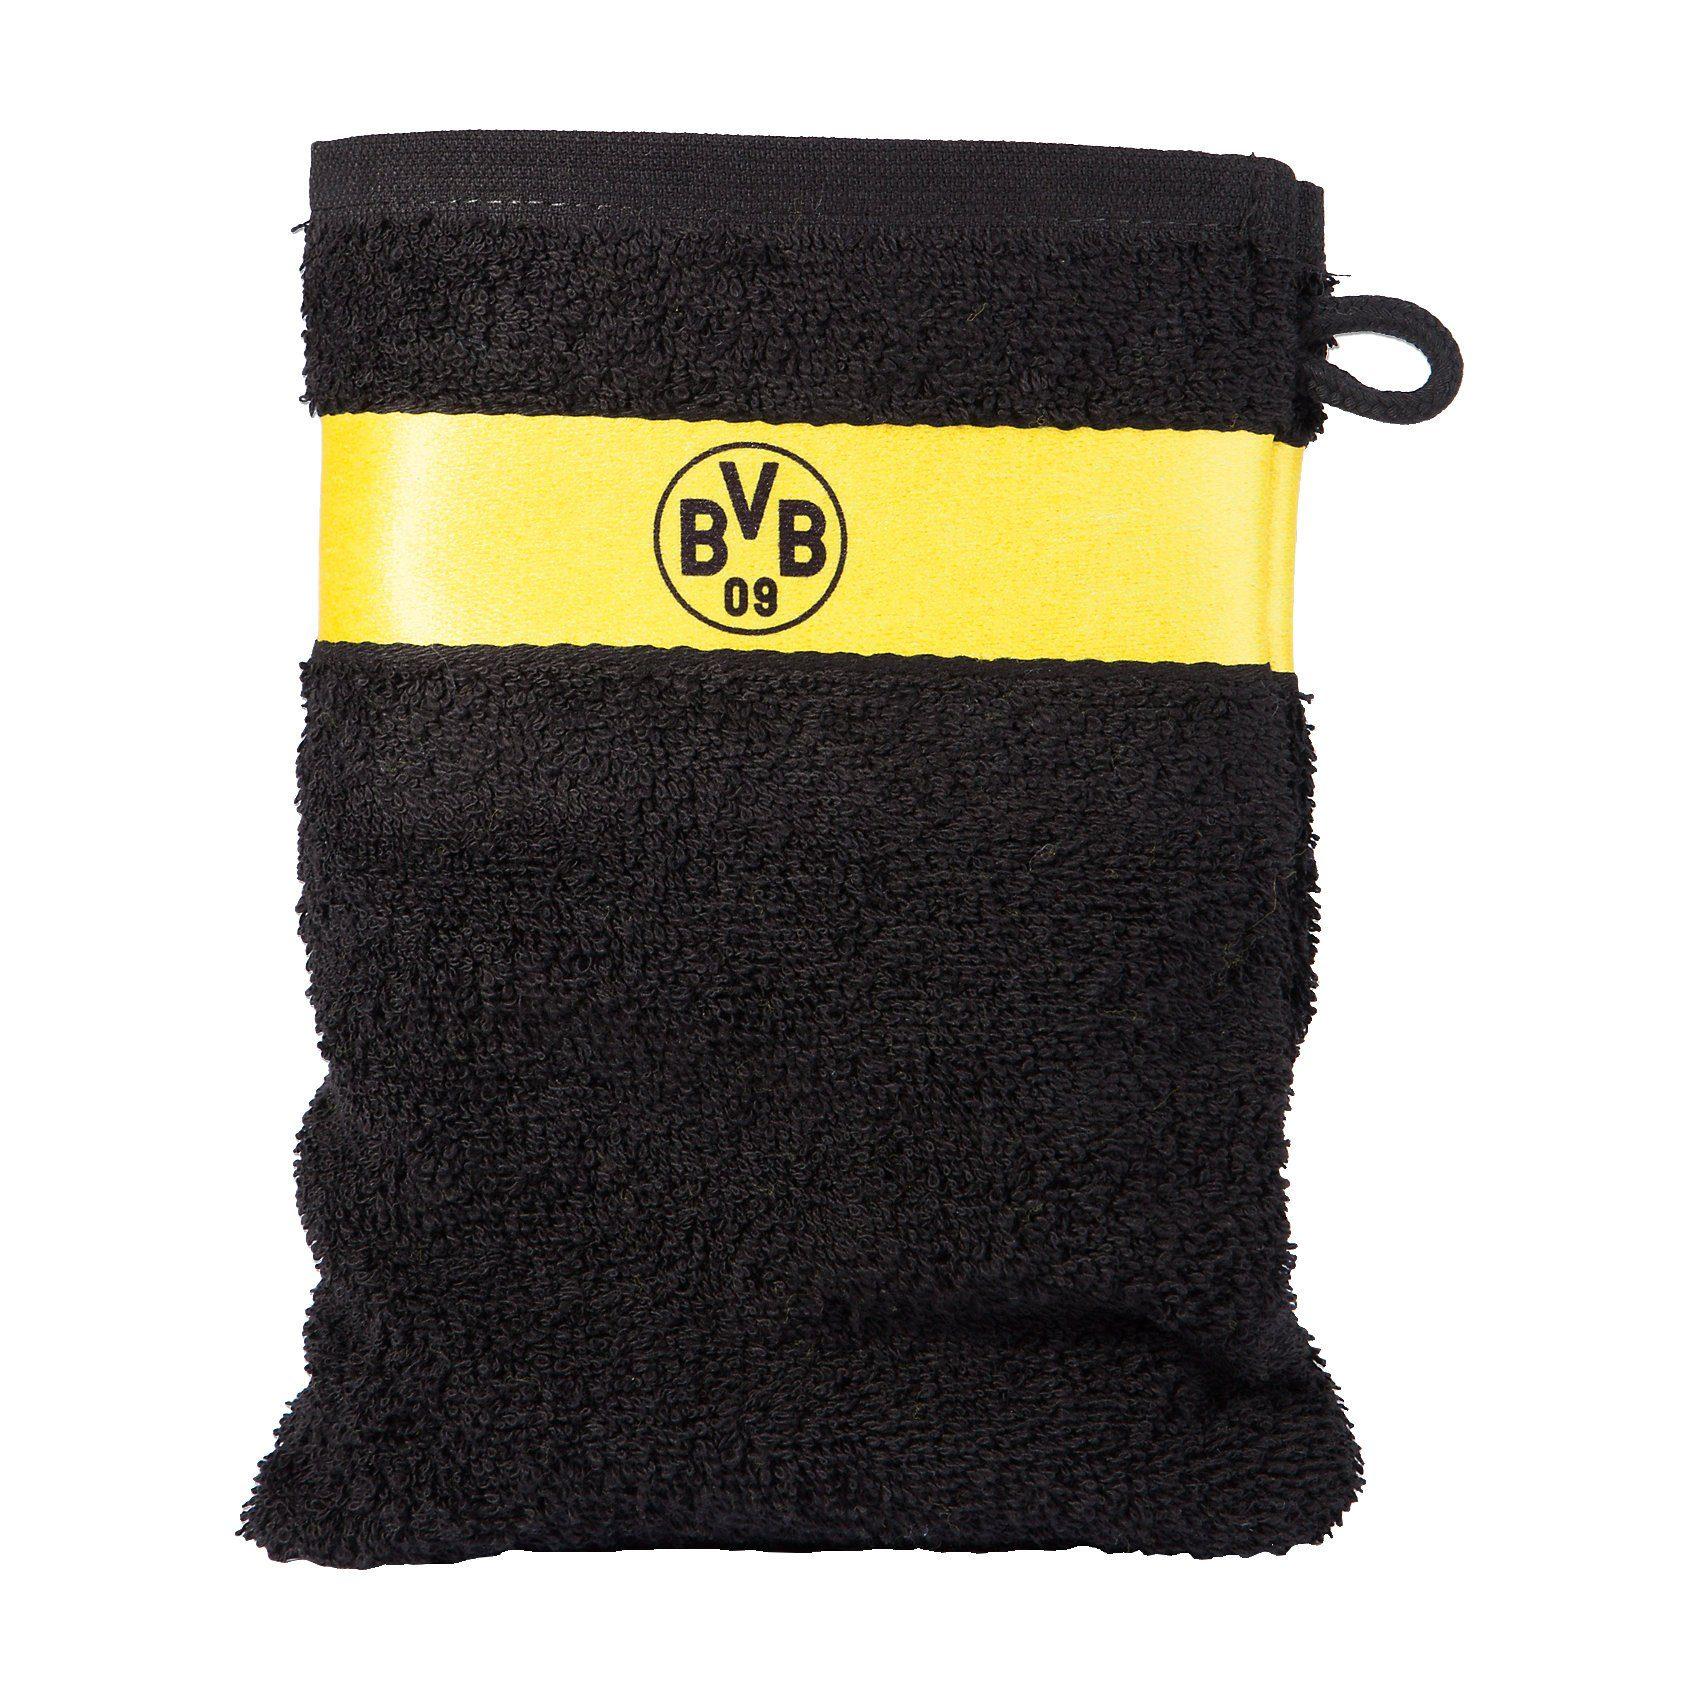 Borussia Dortmund Waschhandschuh BVB, schwarz, 16 x 21 cm